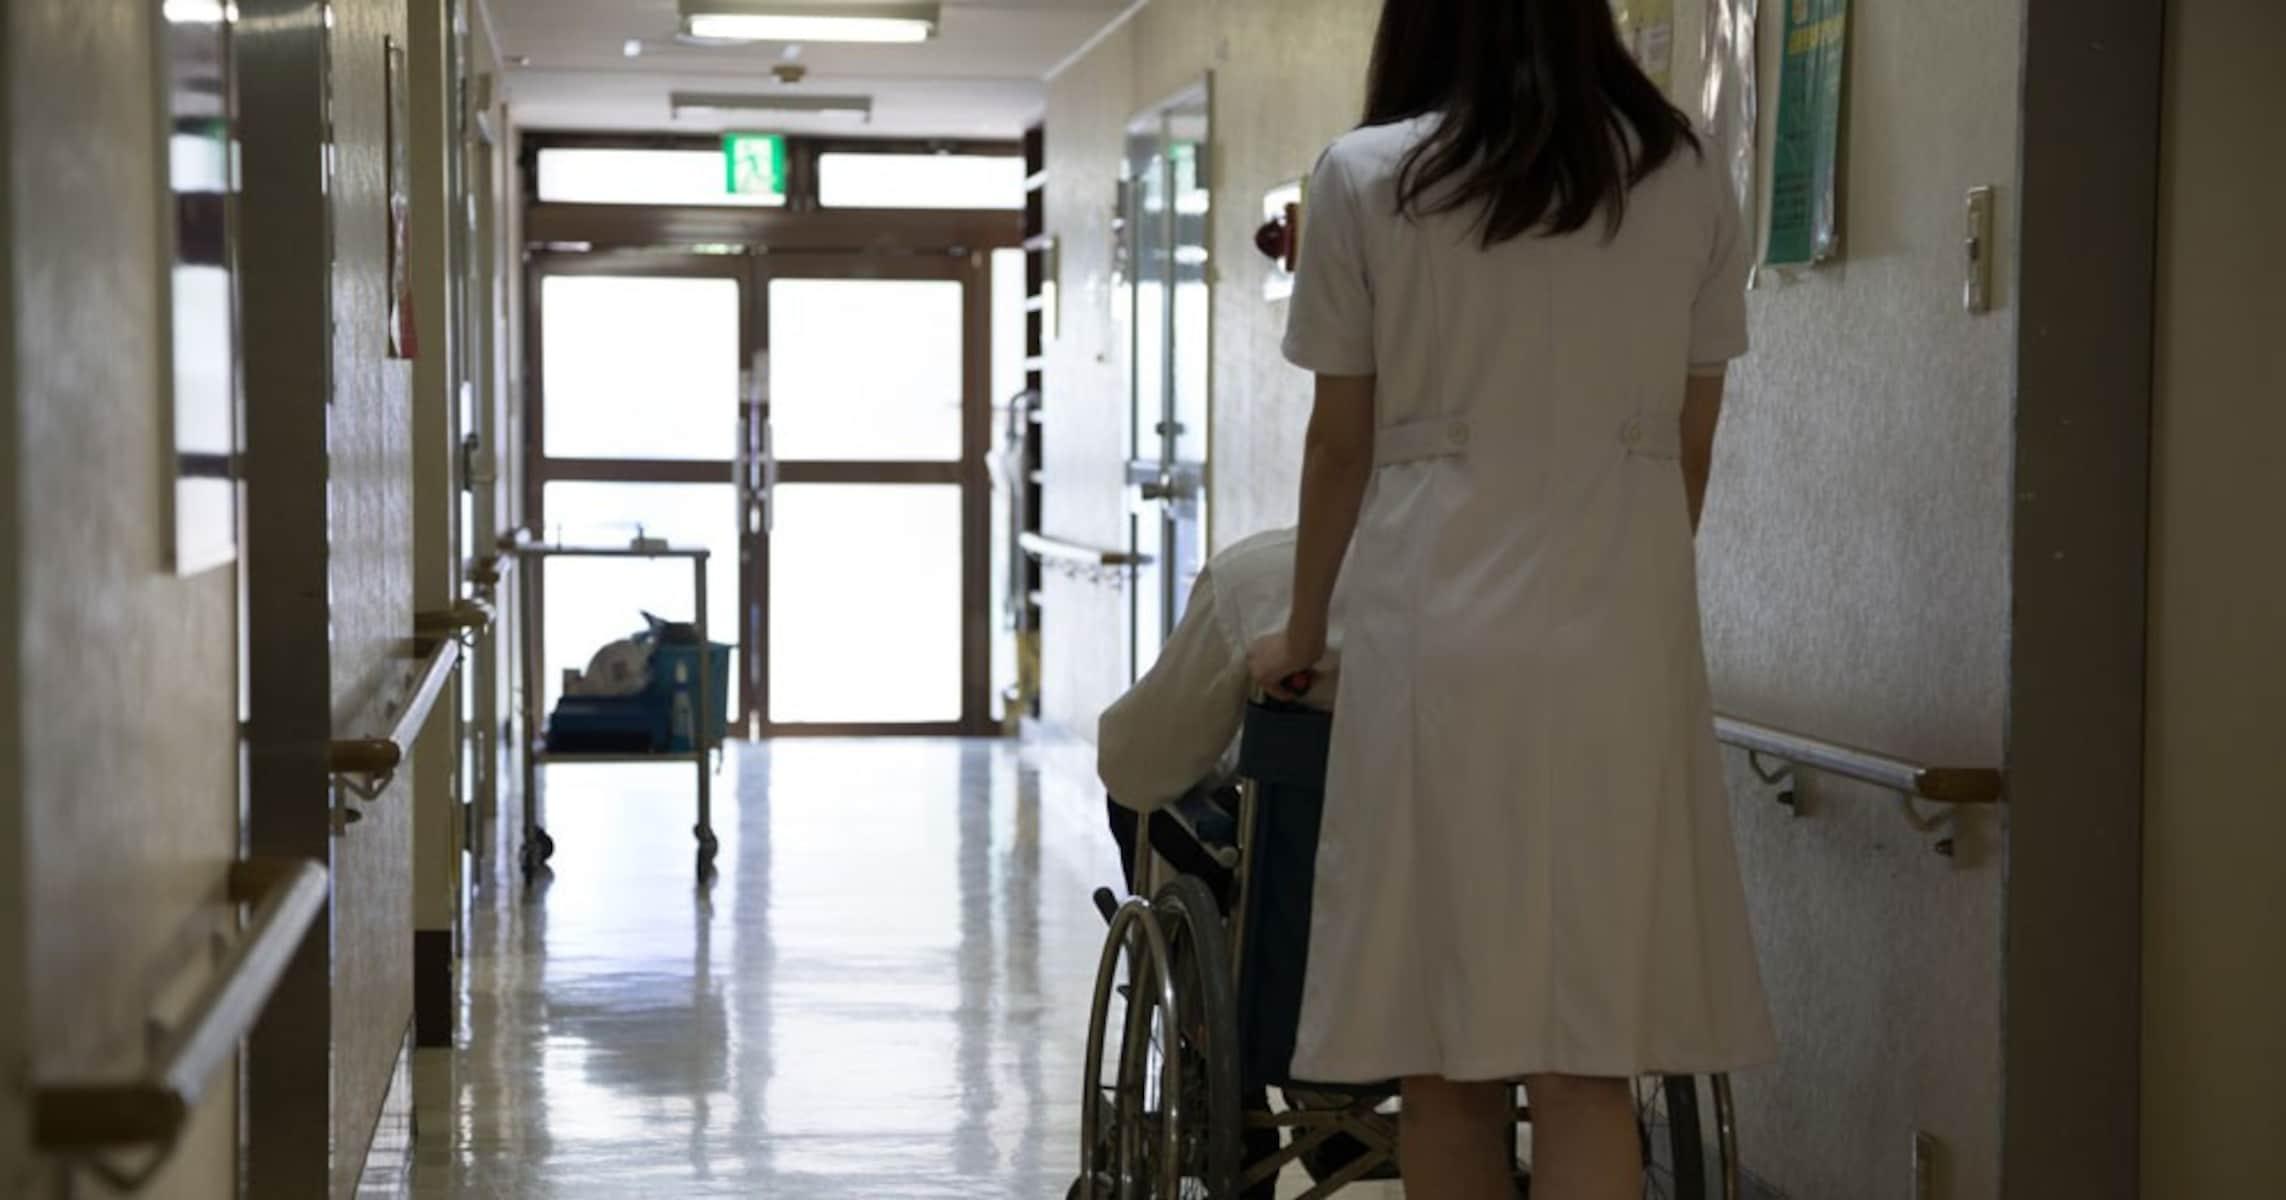 新人看護師の失敗… かばってくれた患者さんの言葉に賞賛の声が続出「泣けました」「男前すぎるわ」